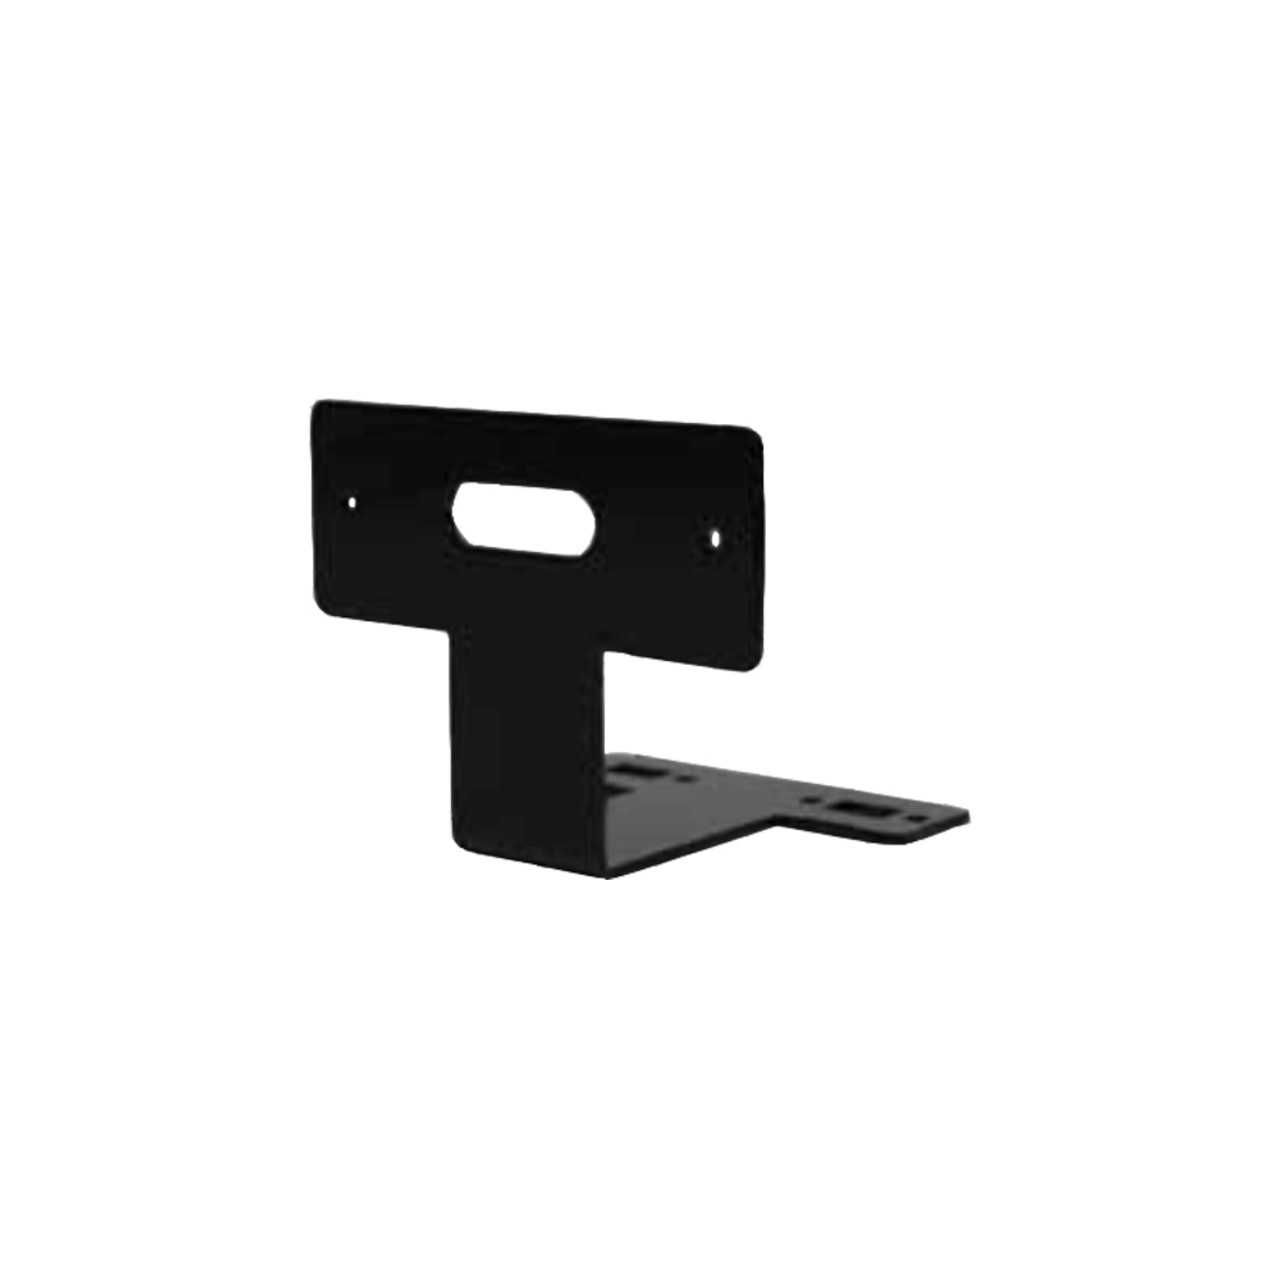 Code-3 XT3-DL 90˚ 'L' Shaped Brackets, Fits T-Rex® and  XTP3 Light heads, Universal single deck light